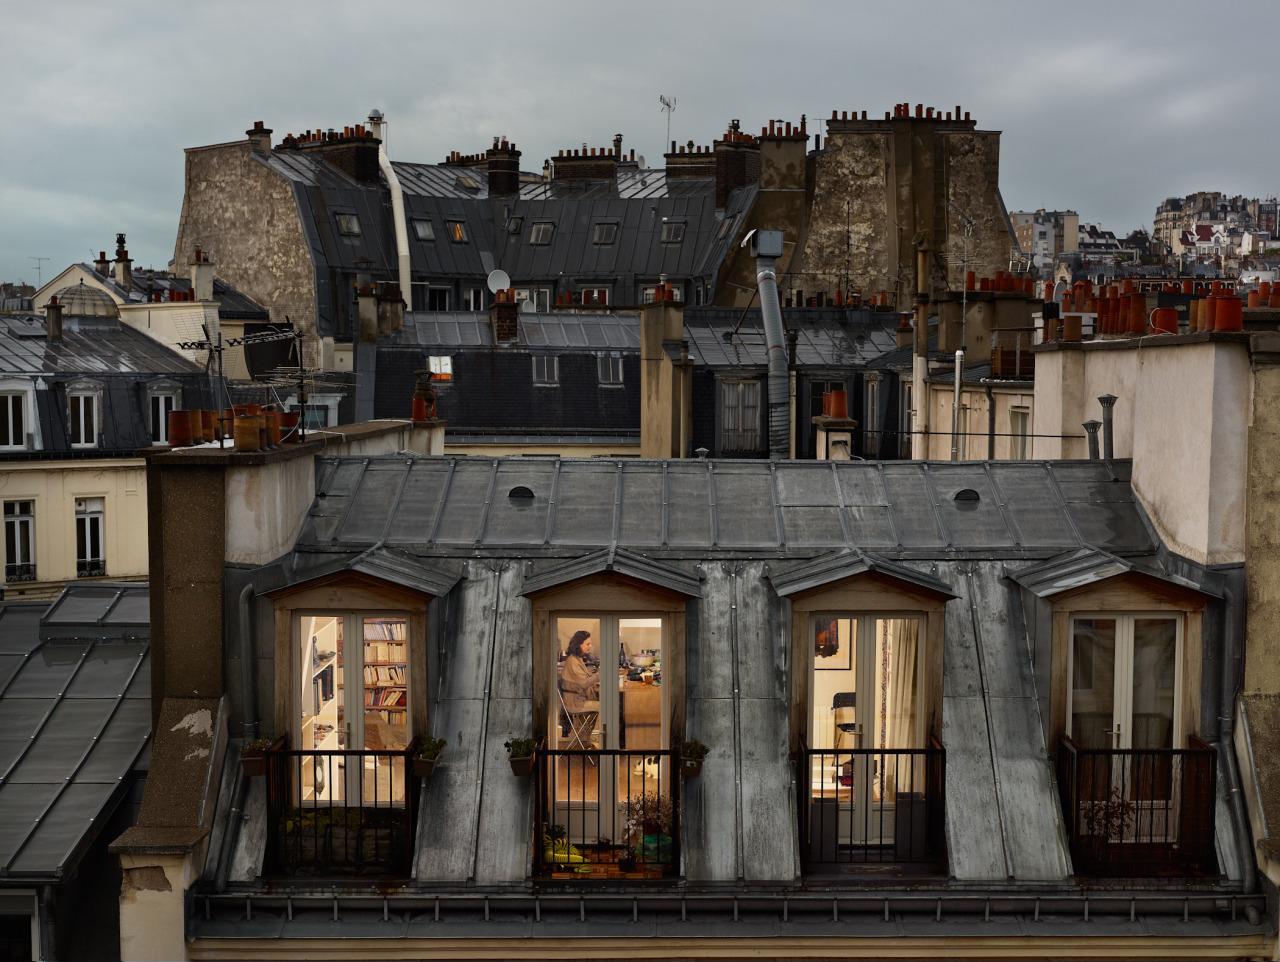 19 Mai, 2013, bis rue de douai, Paris 9e,